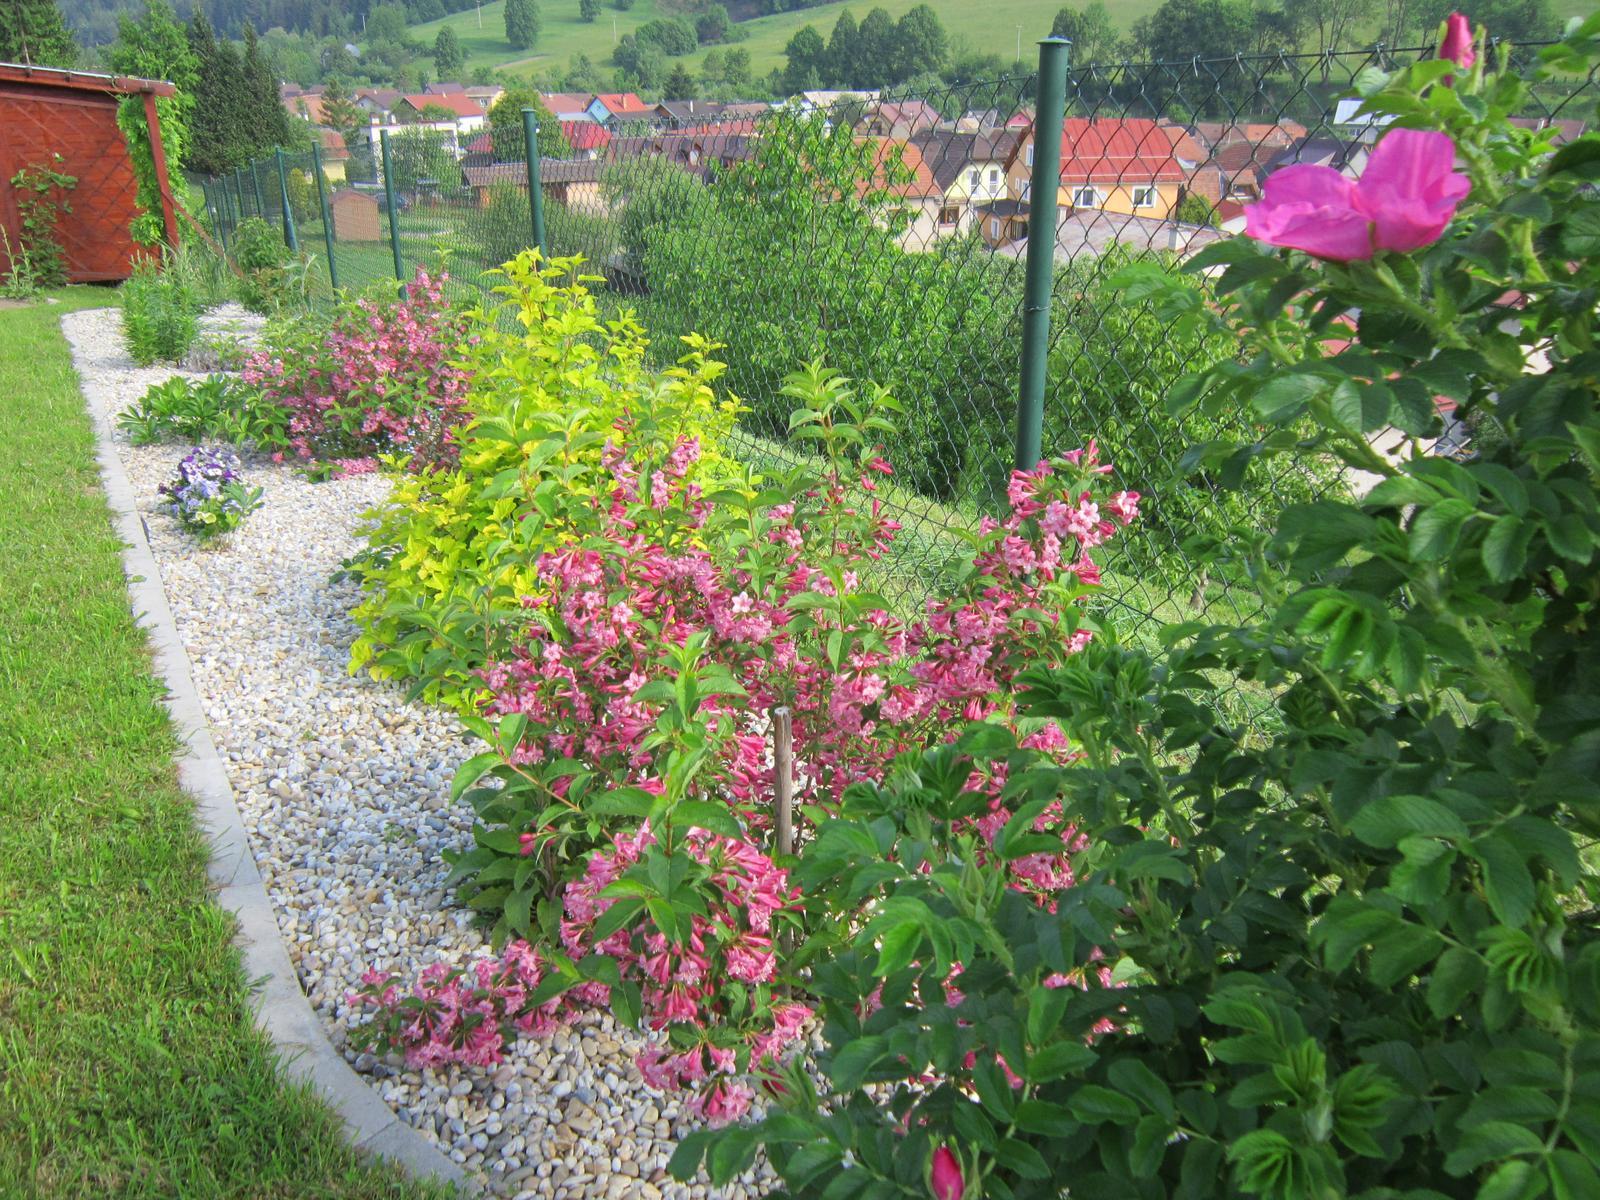 Moja záhrada...ako šiel čas - Obrázok č. 64